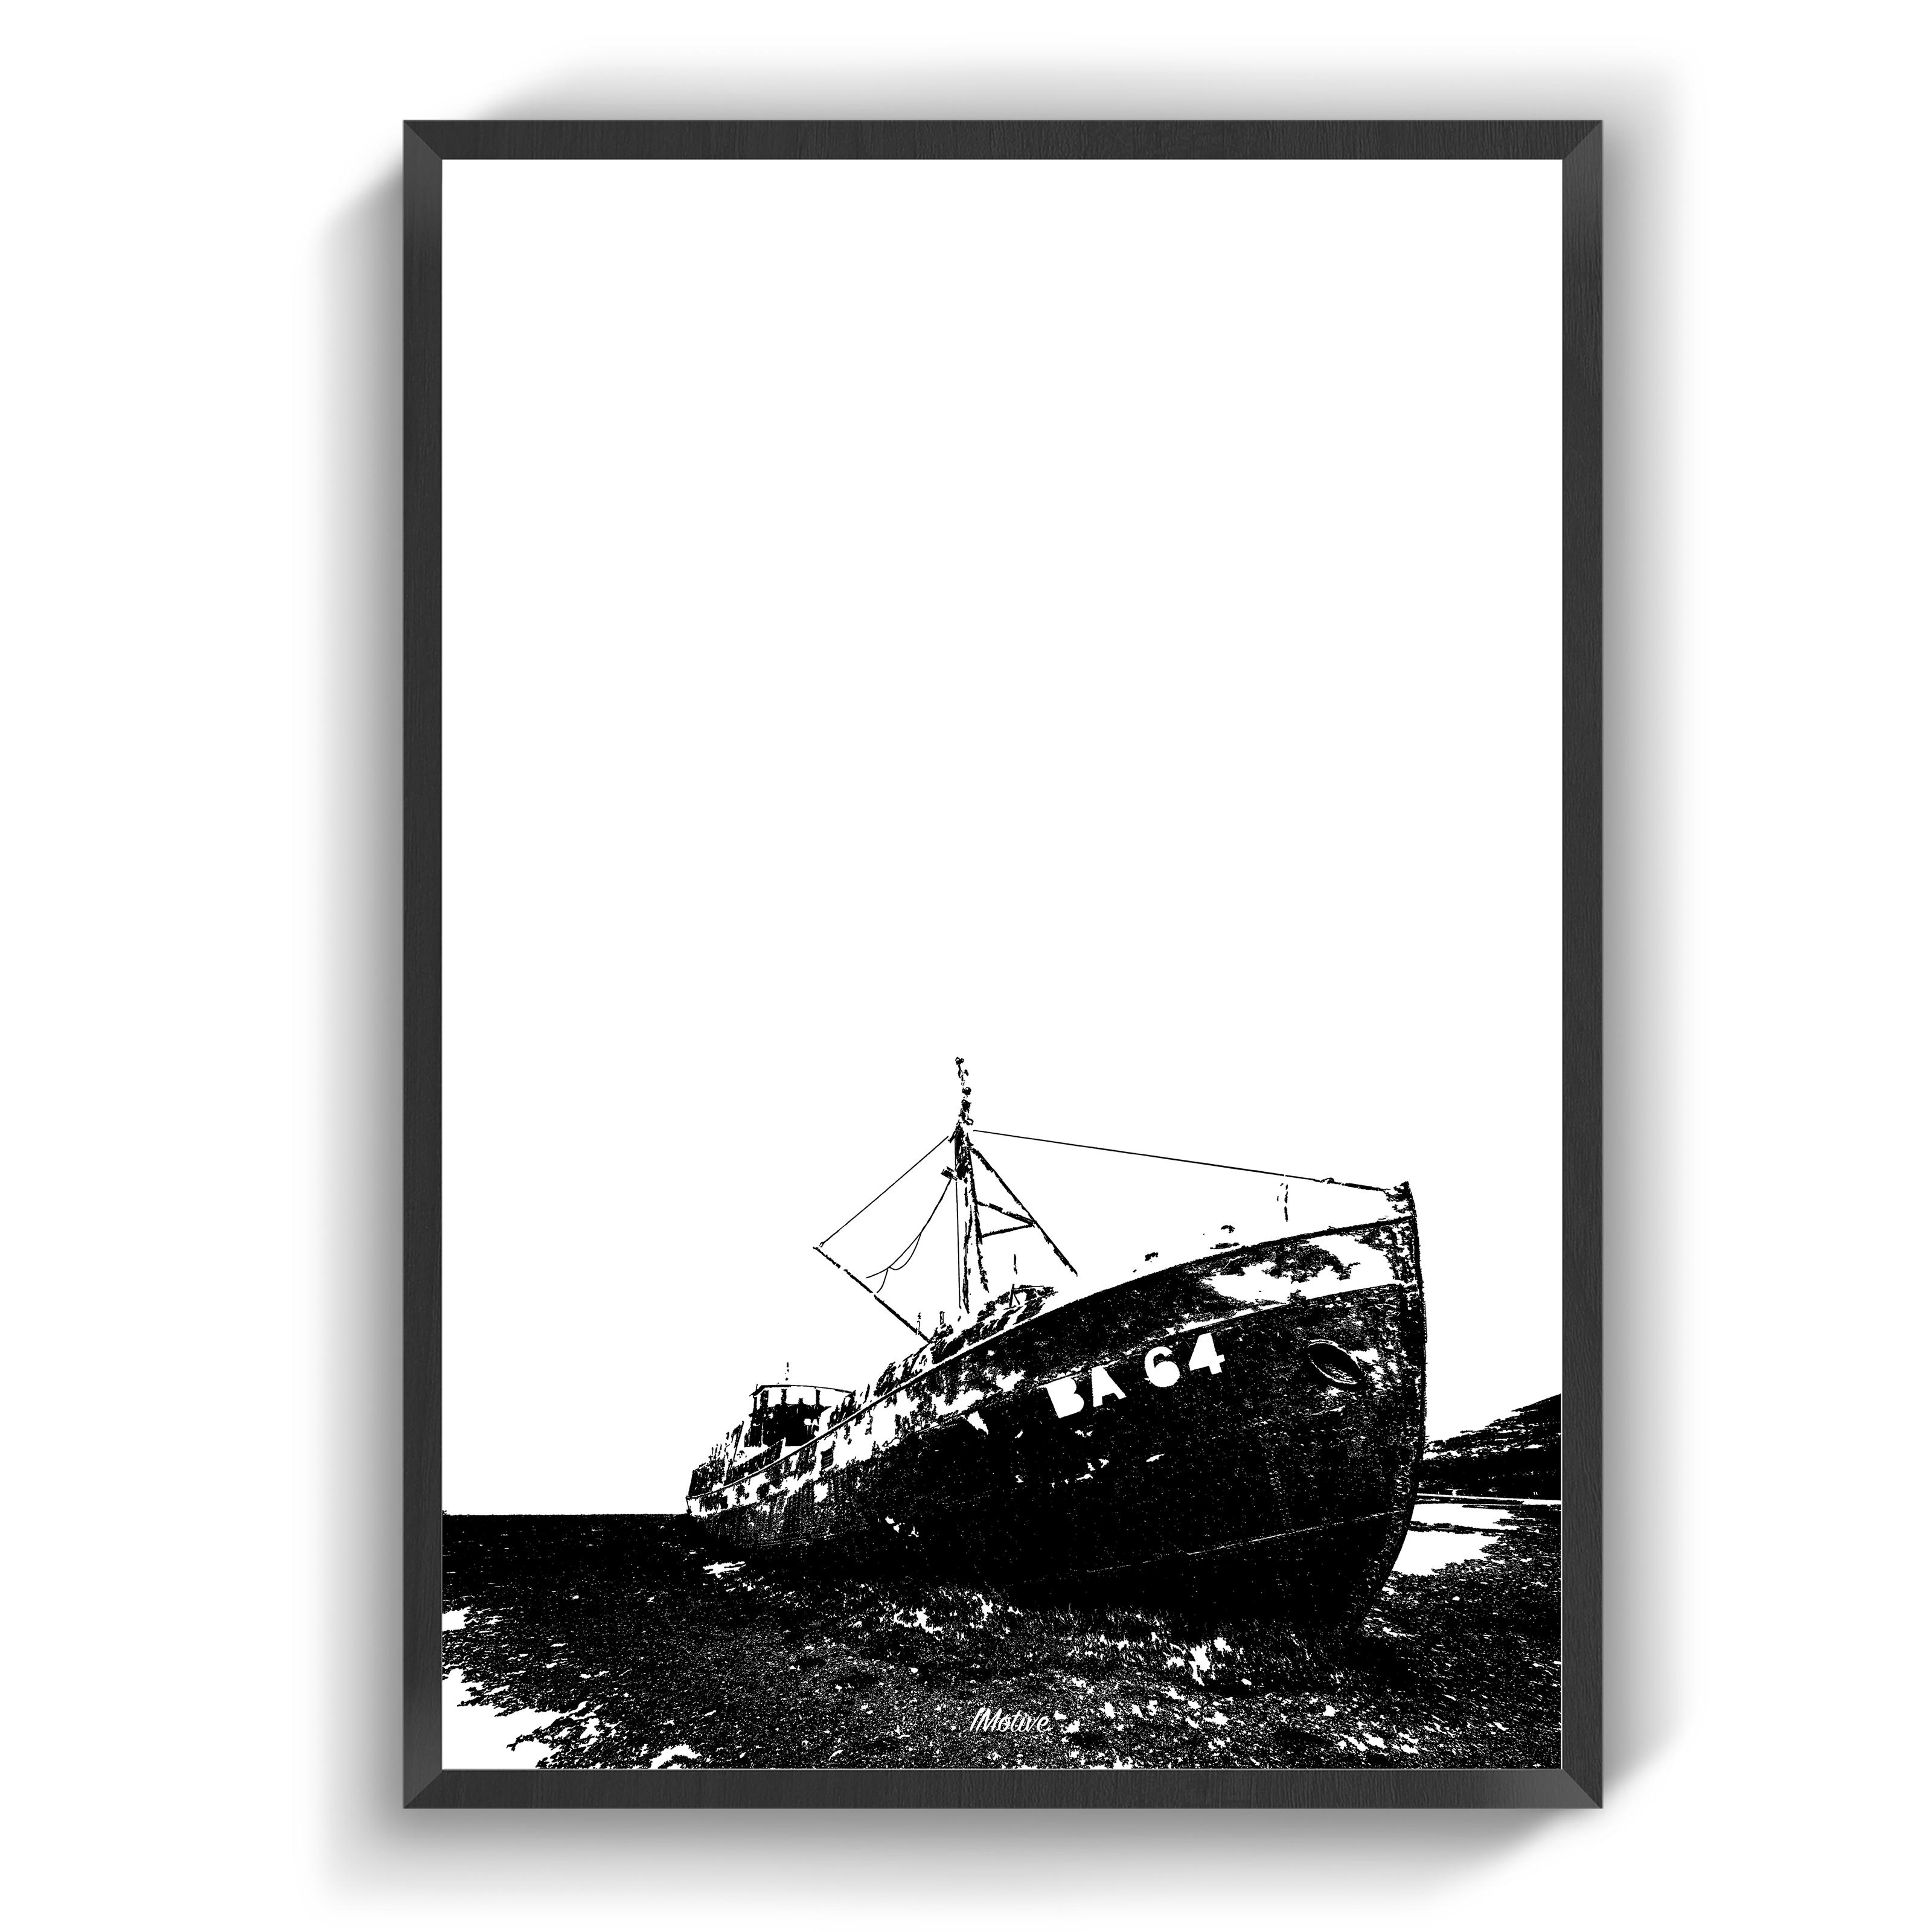 Plakater Grundstodt Skib Plakater Billeder Skib